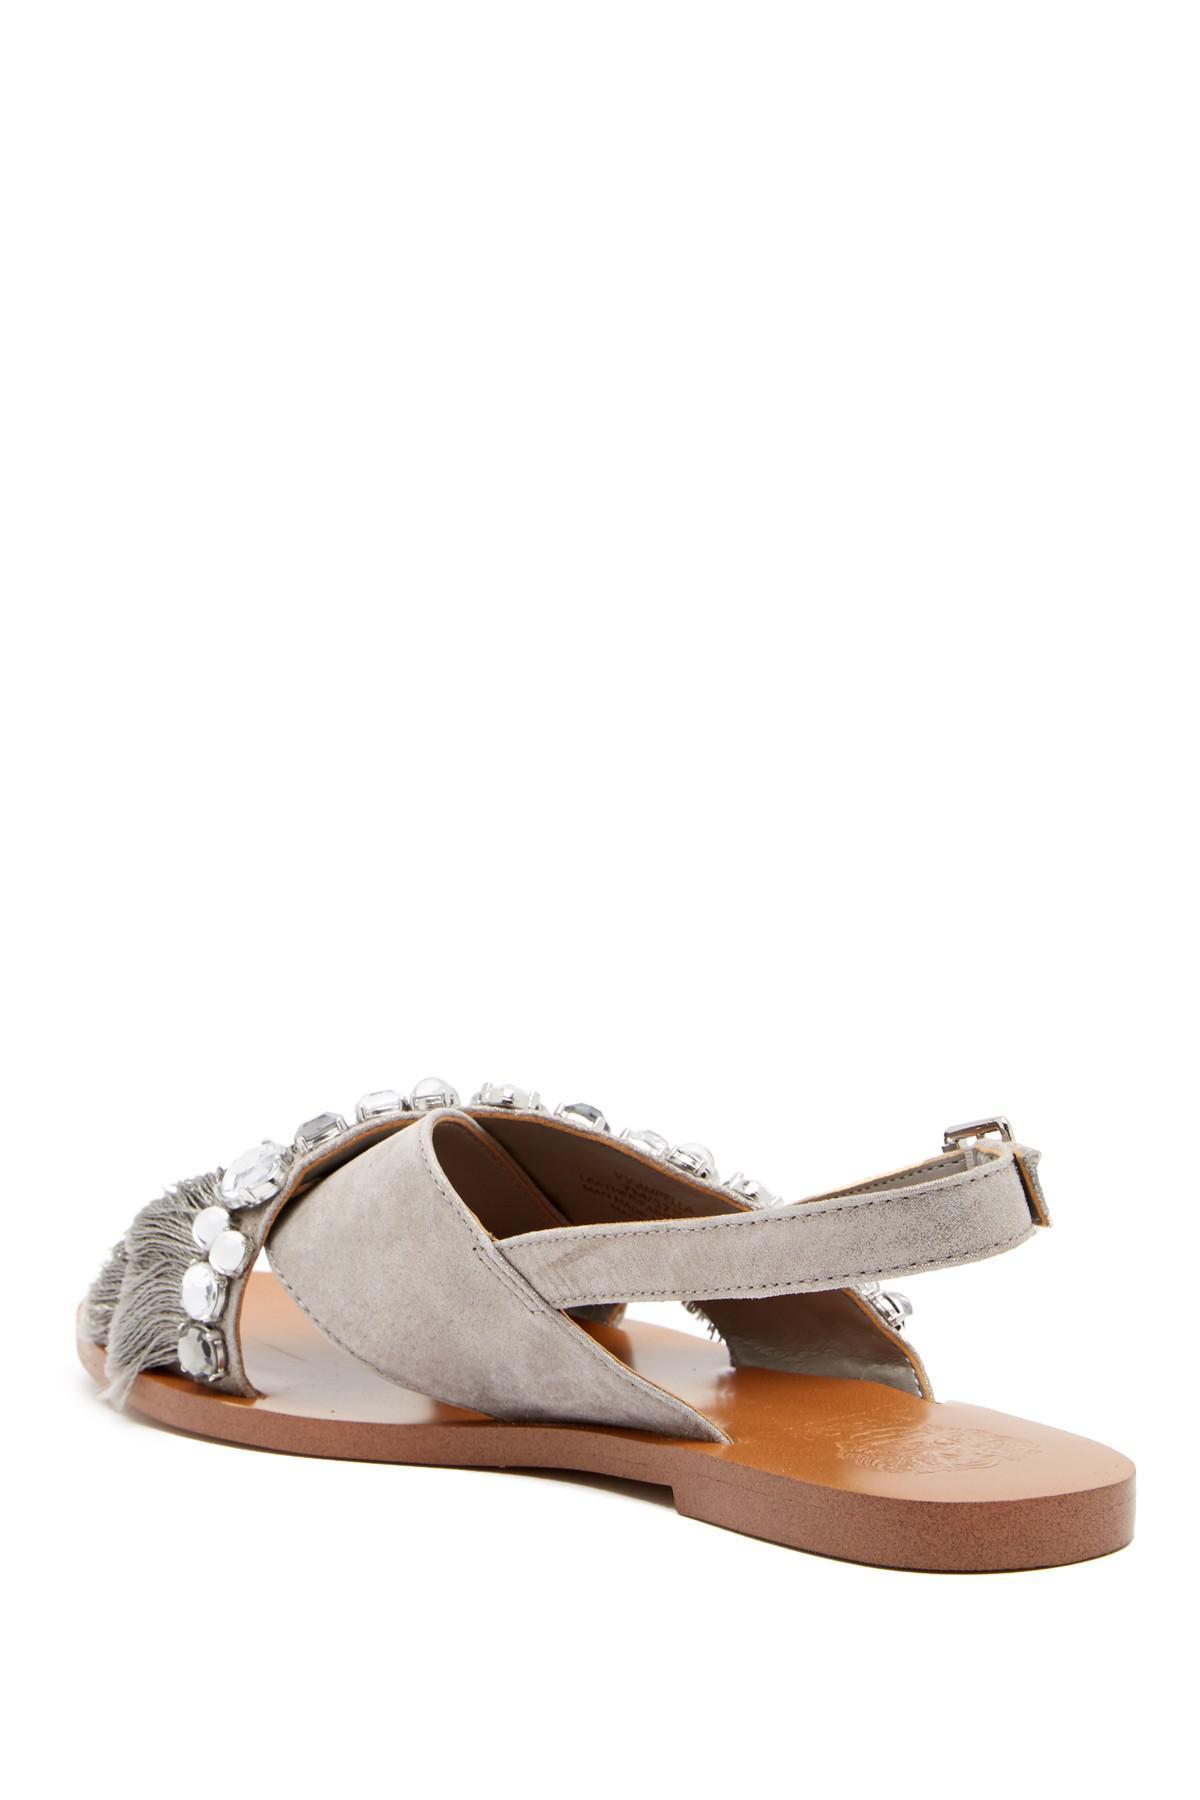 096fb865743 Lyst - Vince Camuto Ampella Embellished Fringe Sandal in Gray